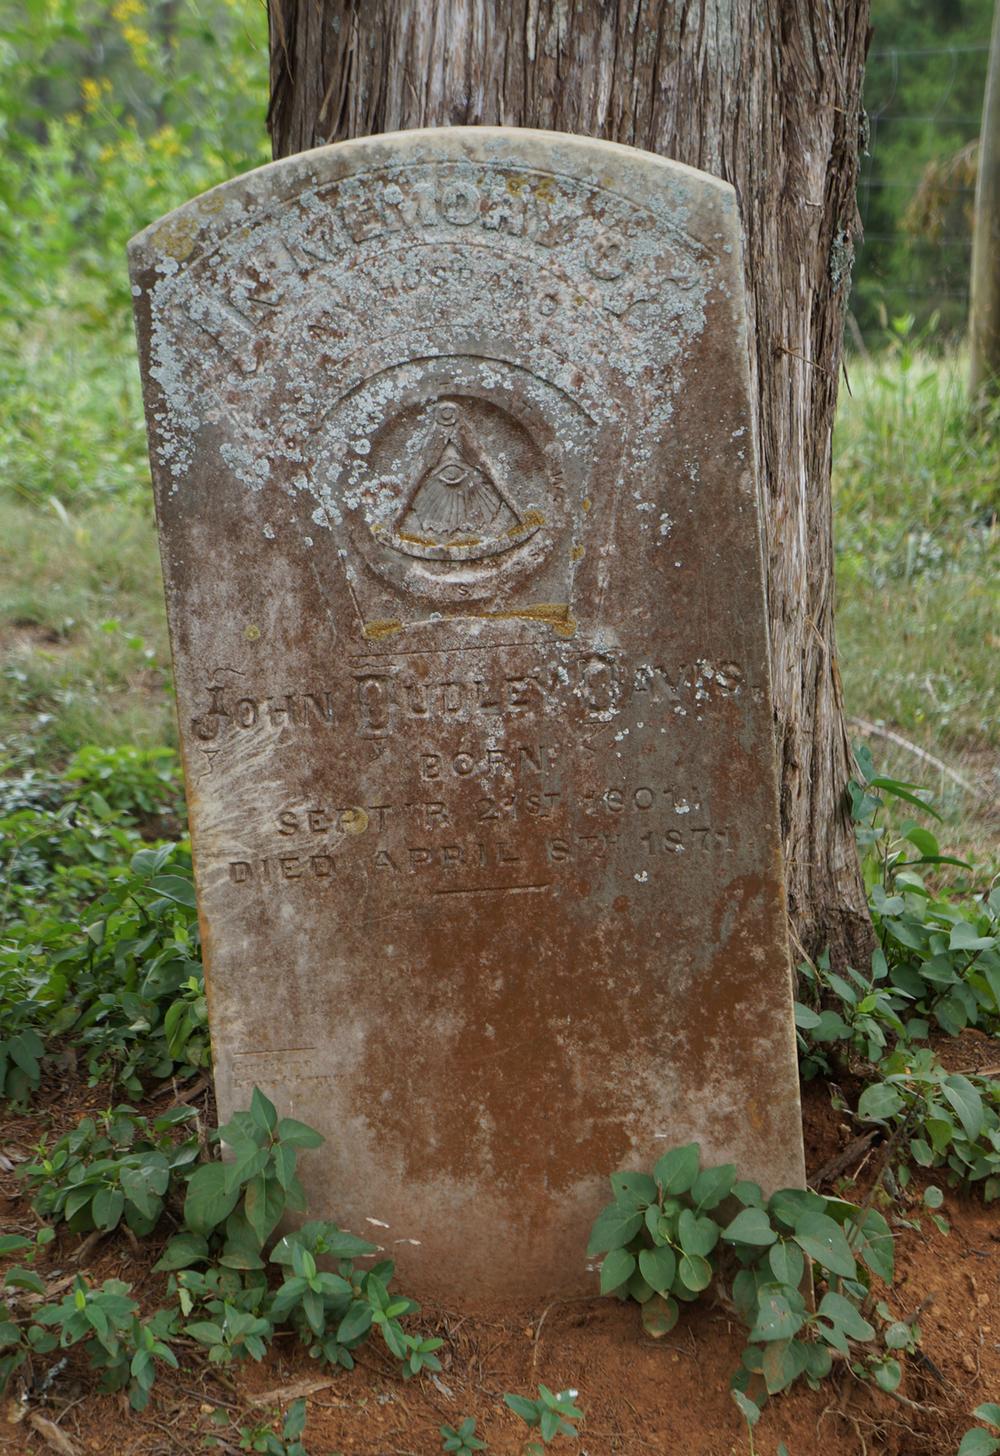 jdd grave.jpg